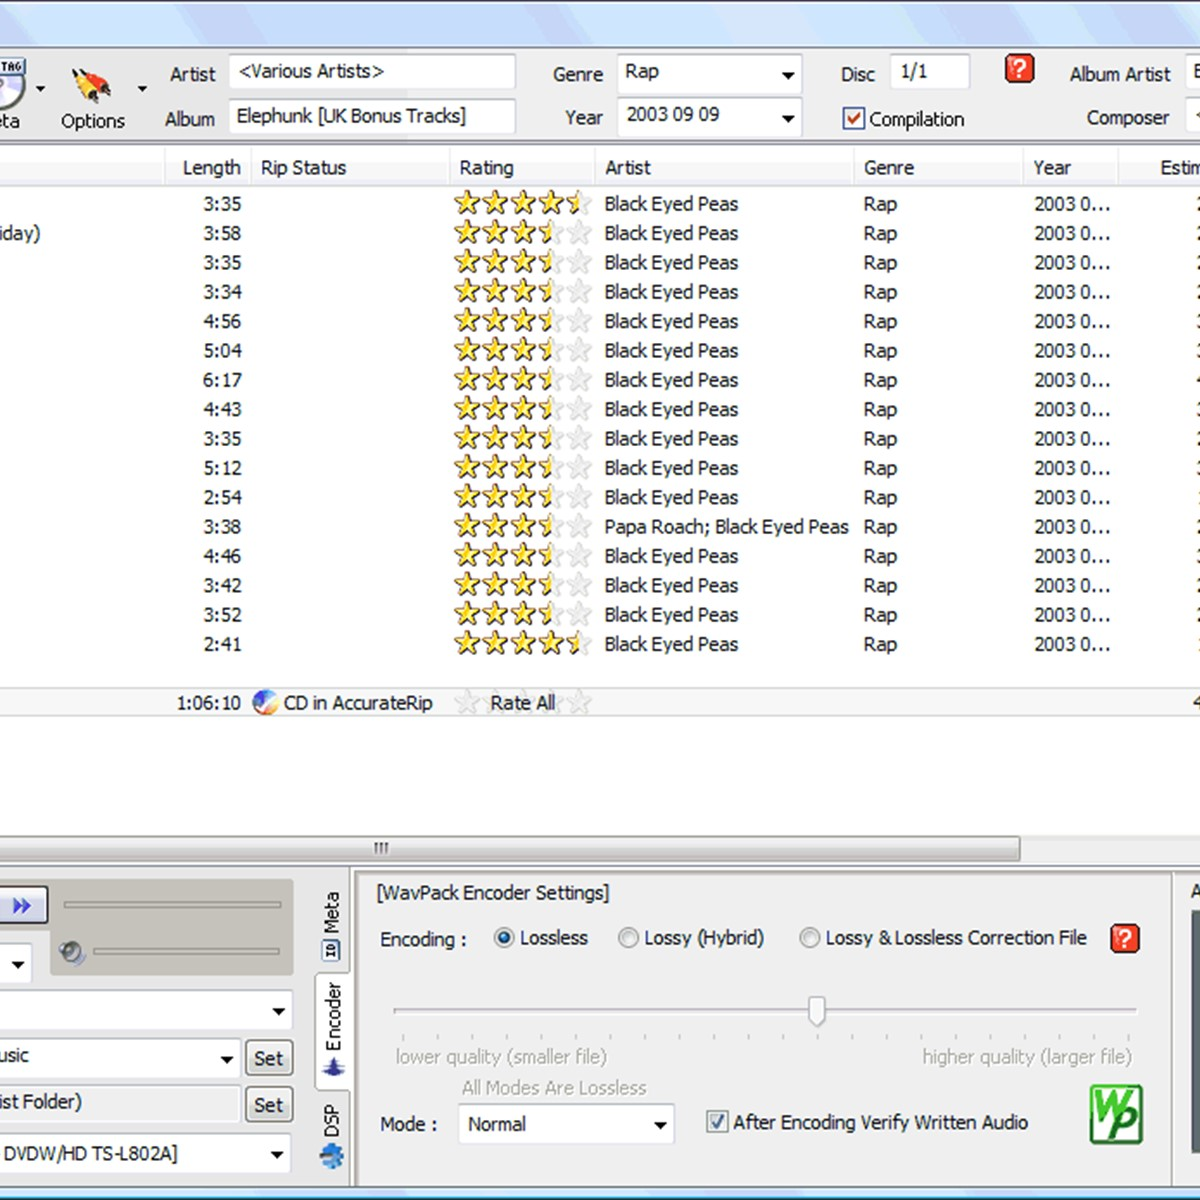 dBpoweramp Alternatives and Similar Software - AlternativeTo net